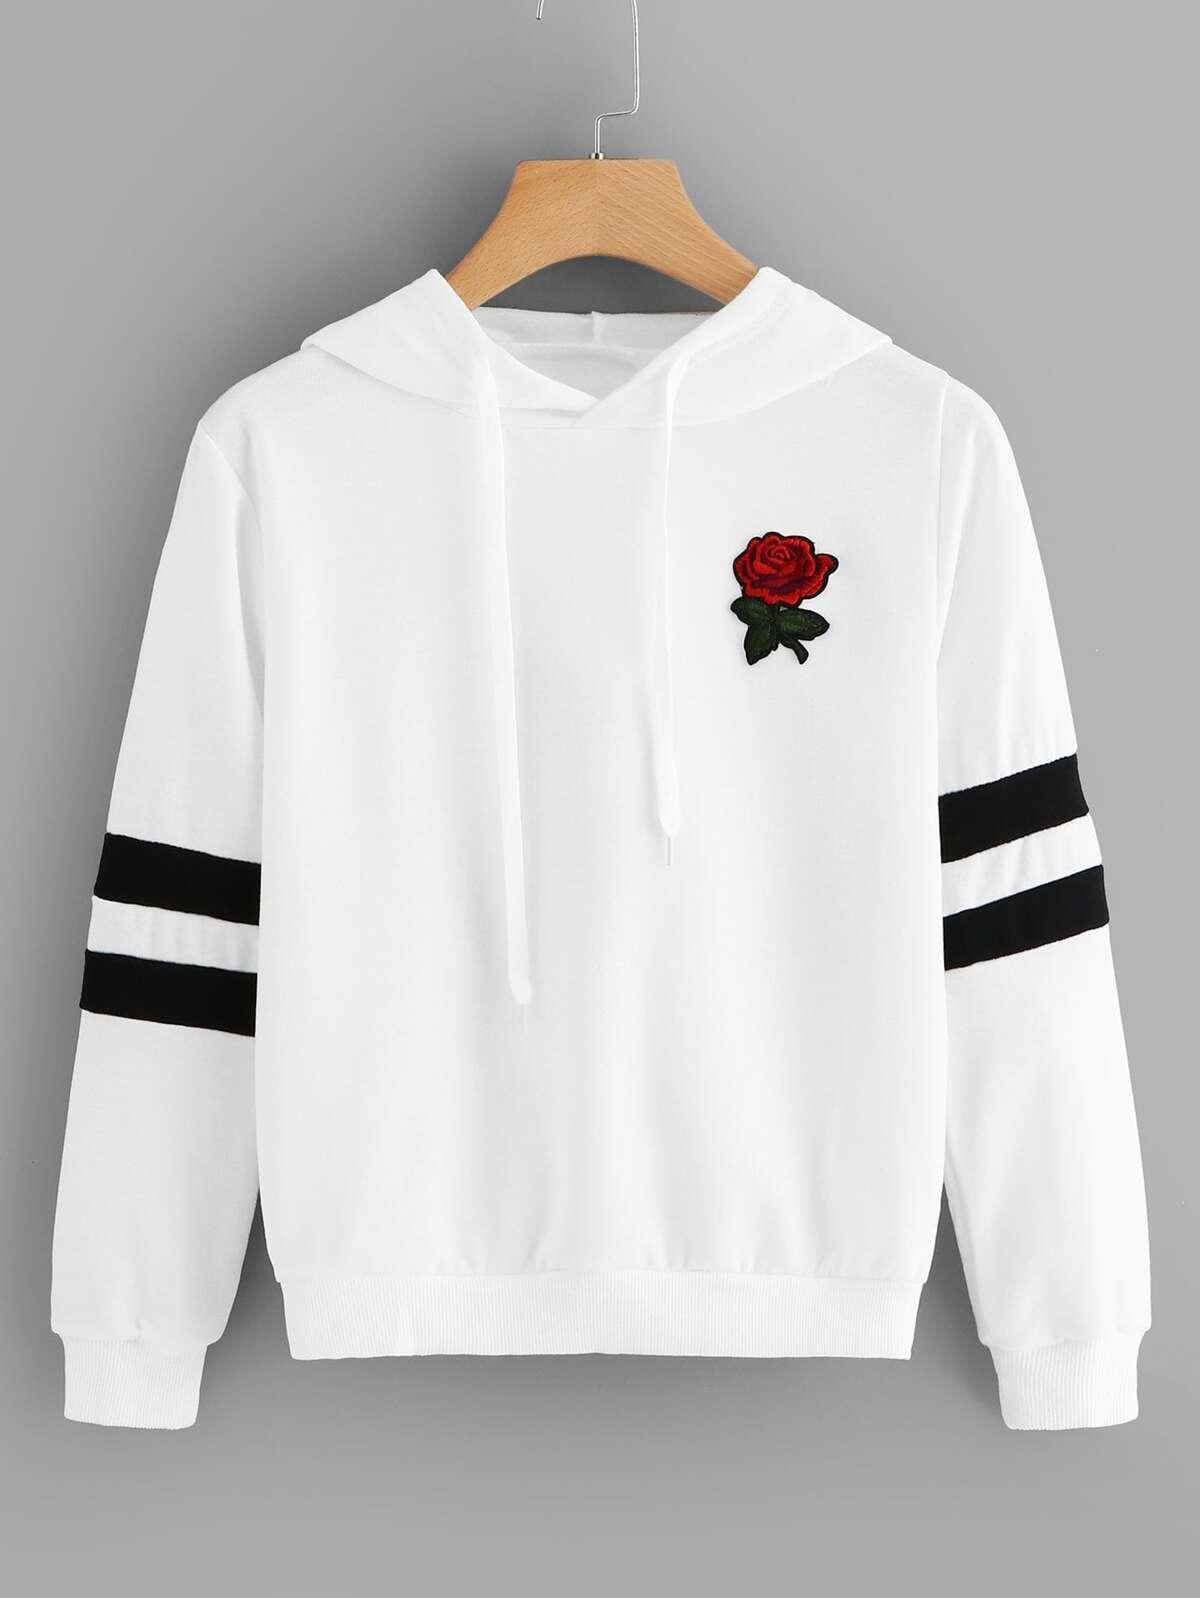 玫瑰 拼布 條紋 袖子 束帶 連帽衫